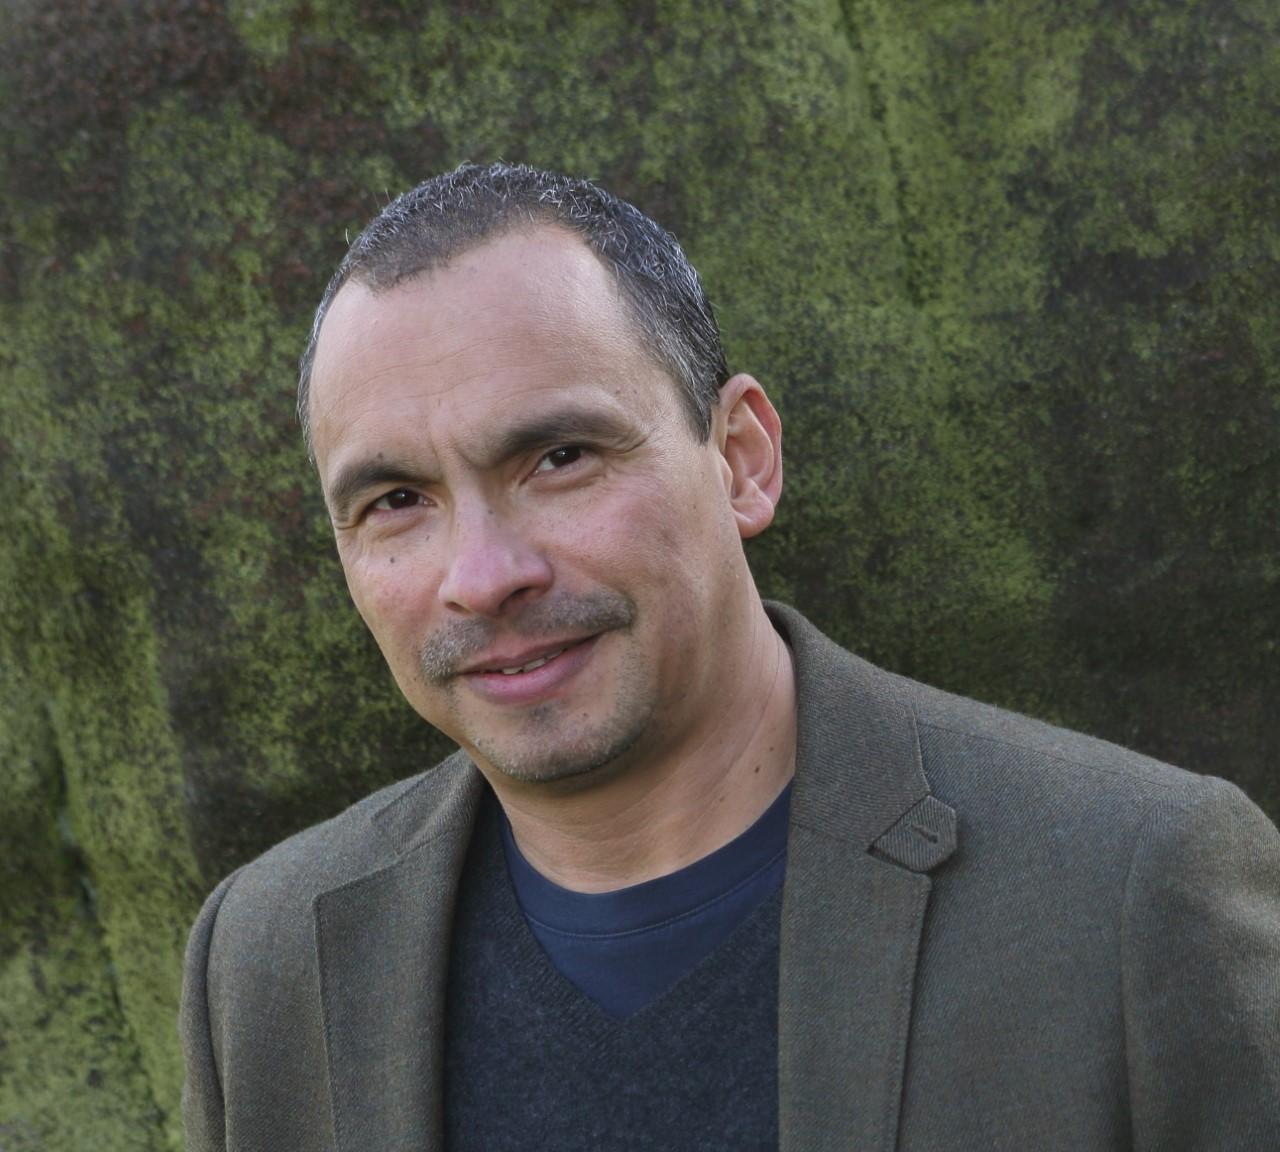 Poet Ian wears a suit